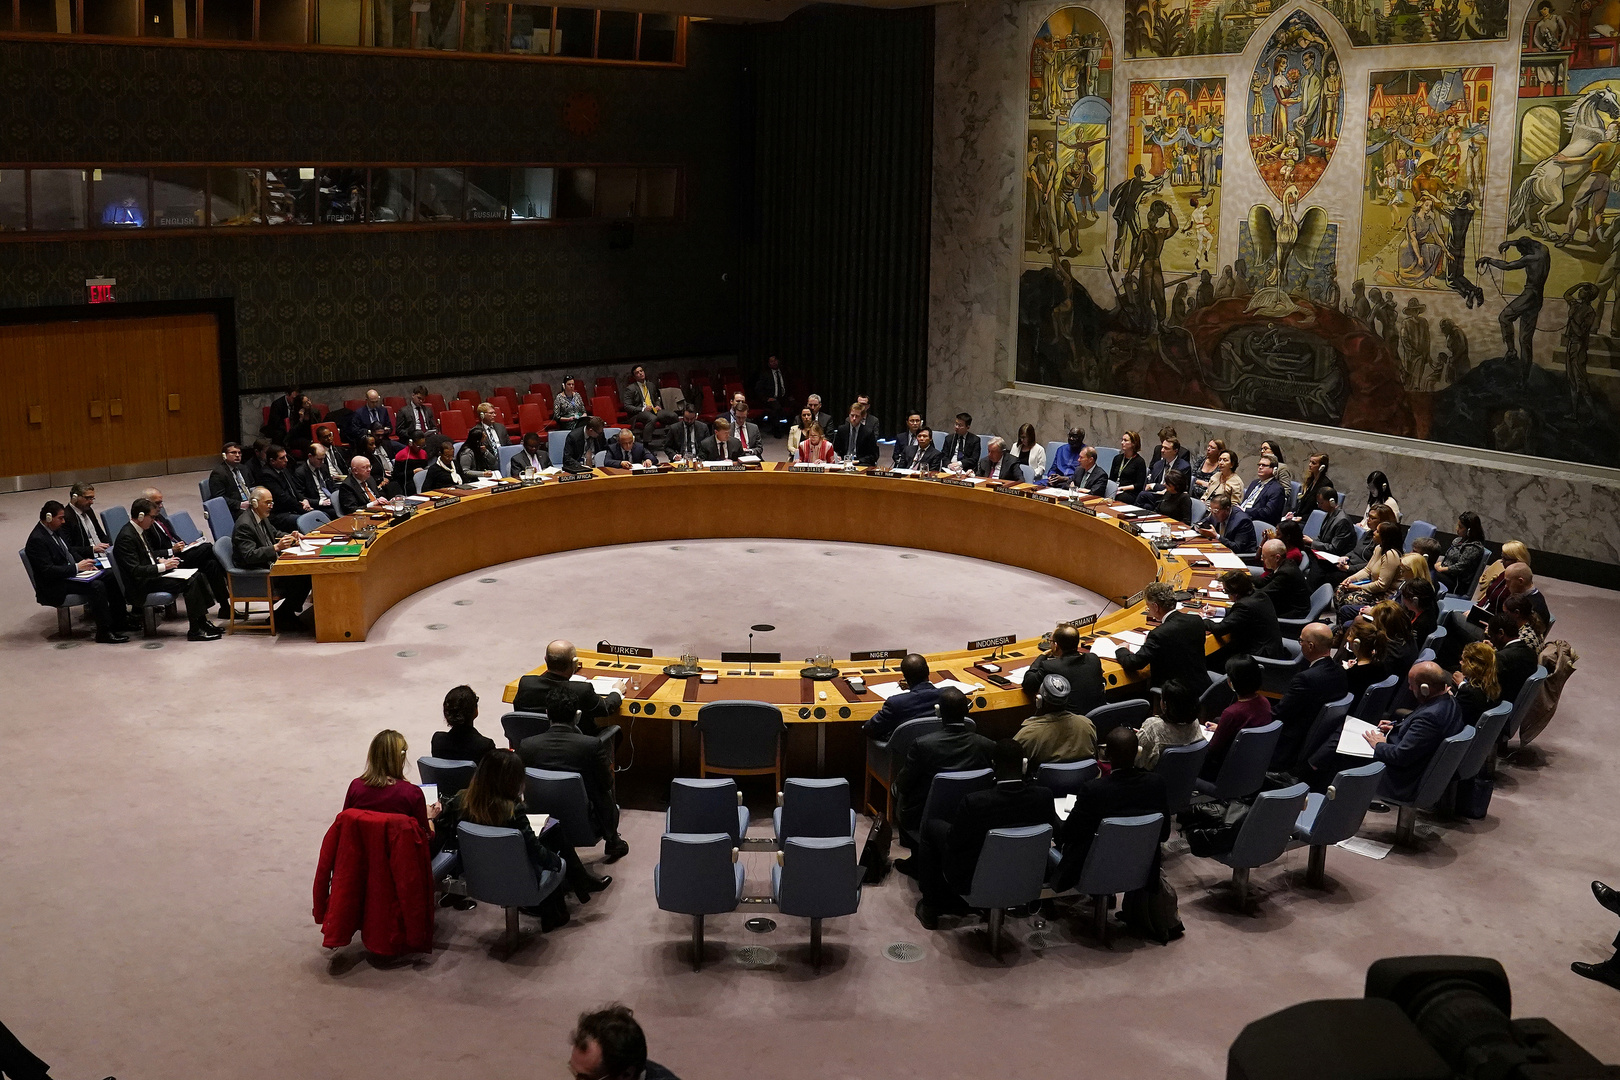 واشنطن تعطّل مجددا بيانا عن مجلس الأمن لوقف التصعيد بين إسرائيل والفلسطينيين